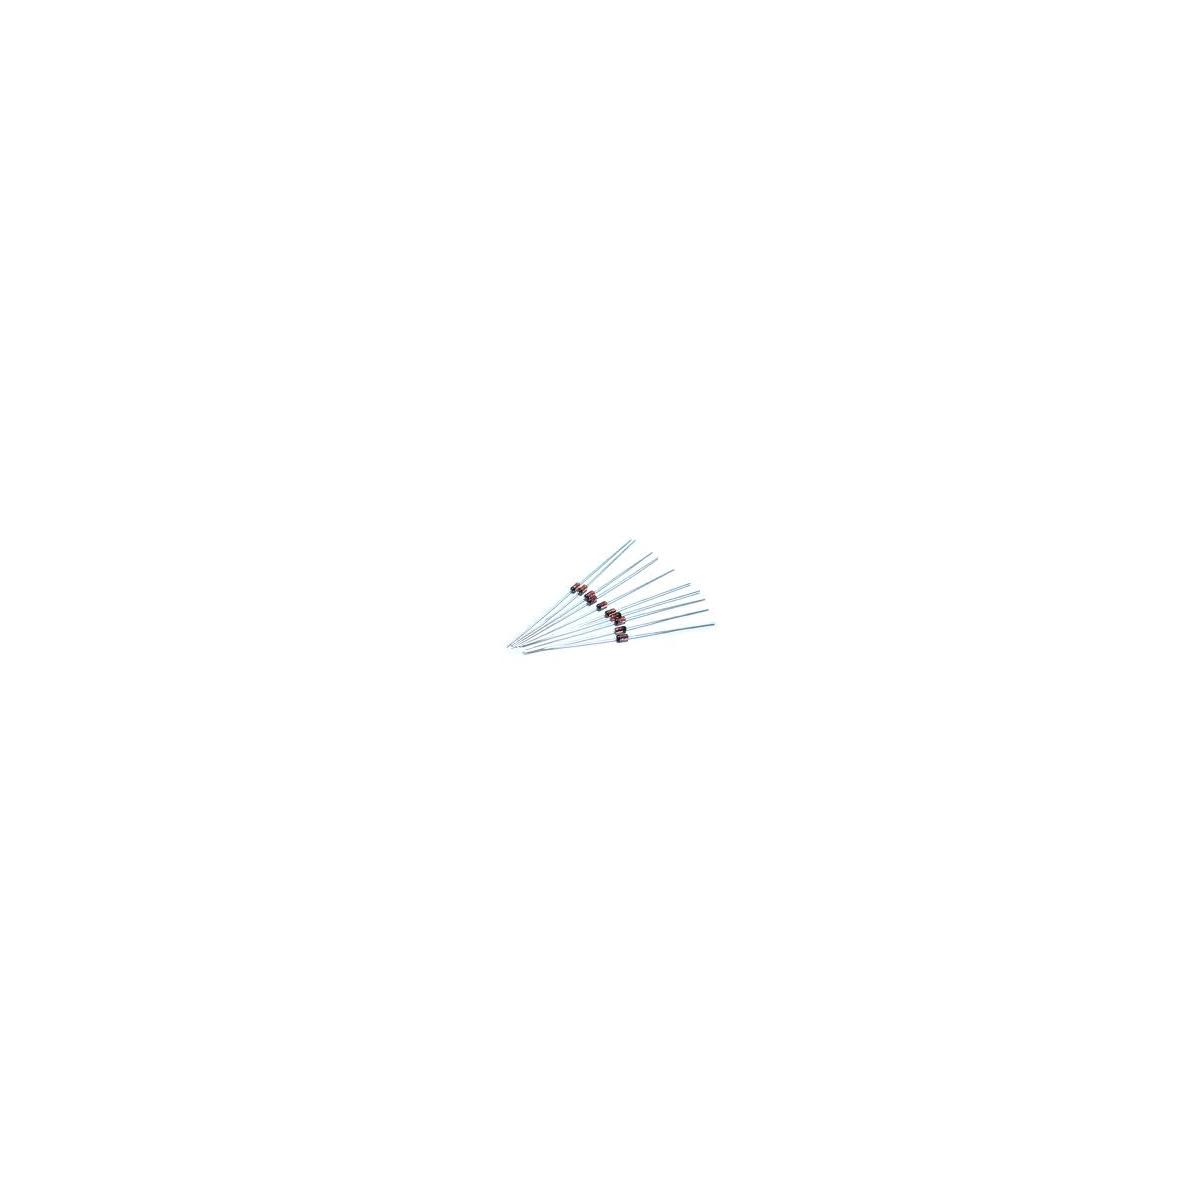 ZENNER 1W (PACOTE COM 10 UNIDADES )-1N 4733 - 5V1